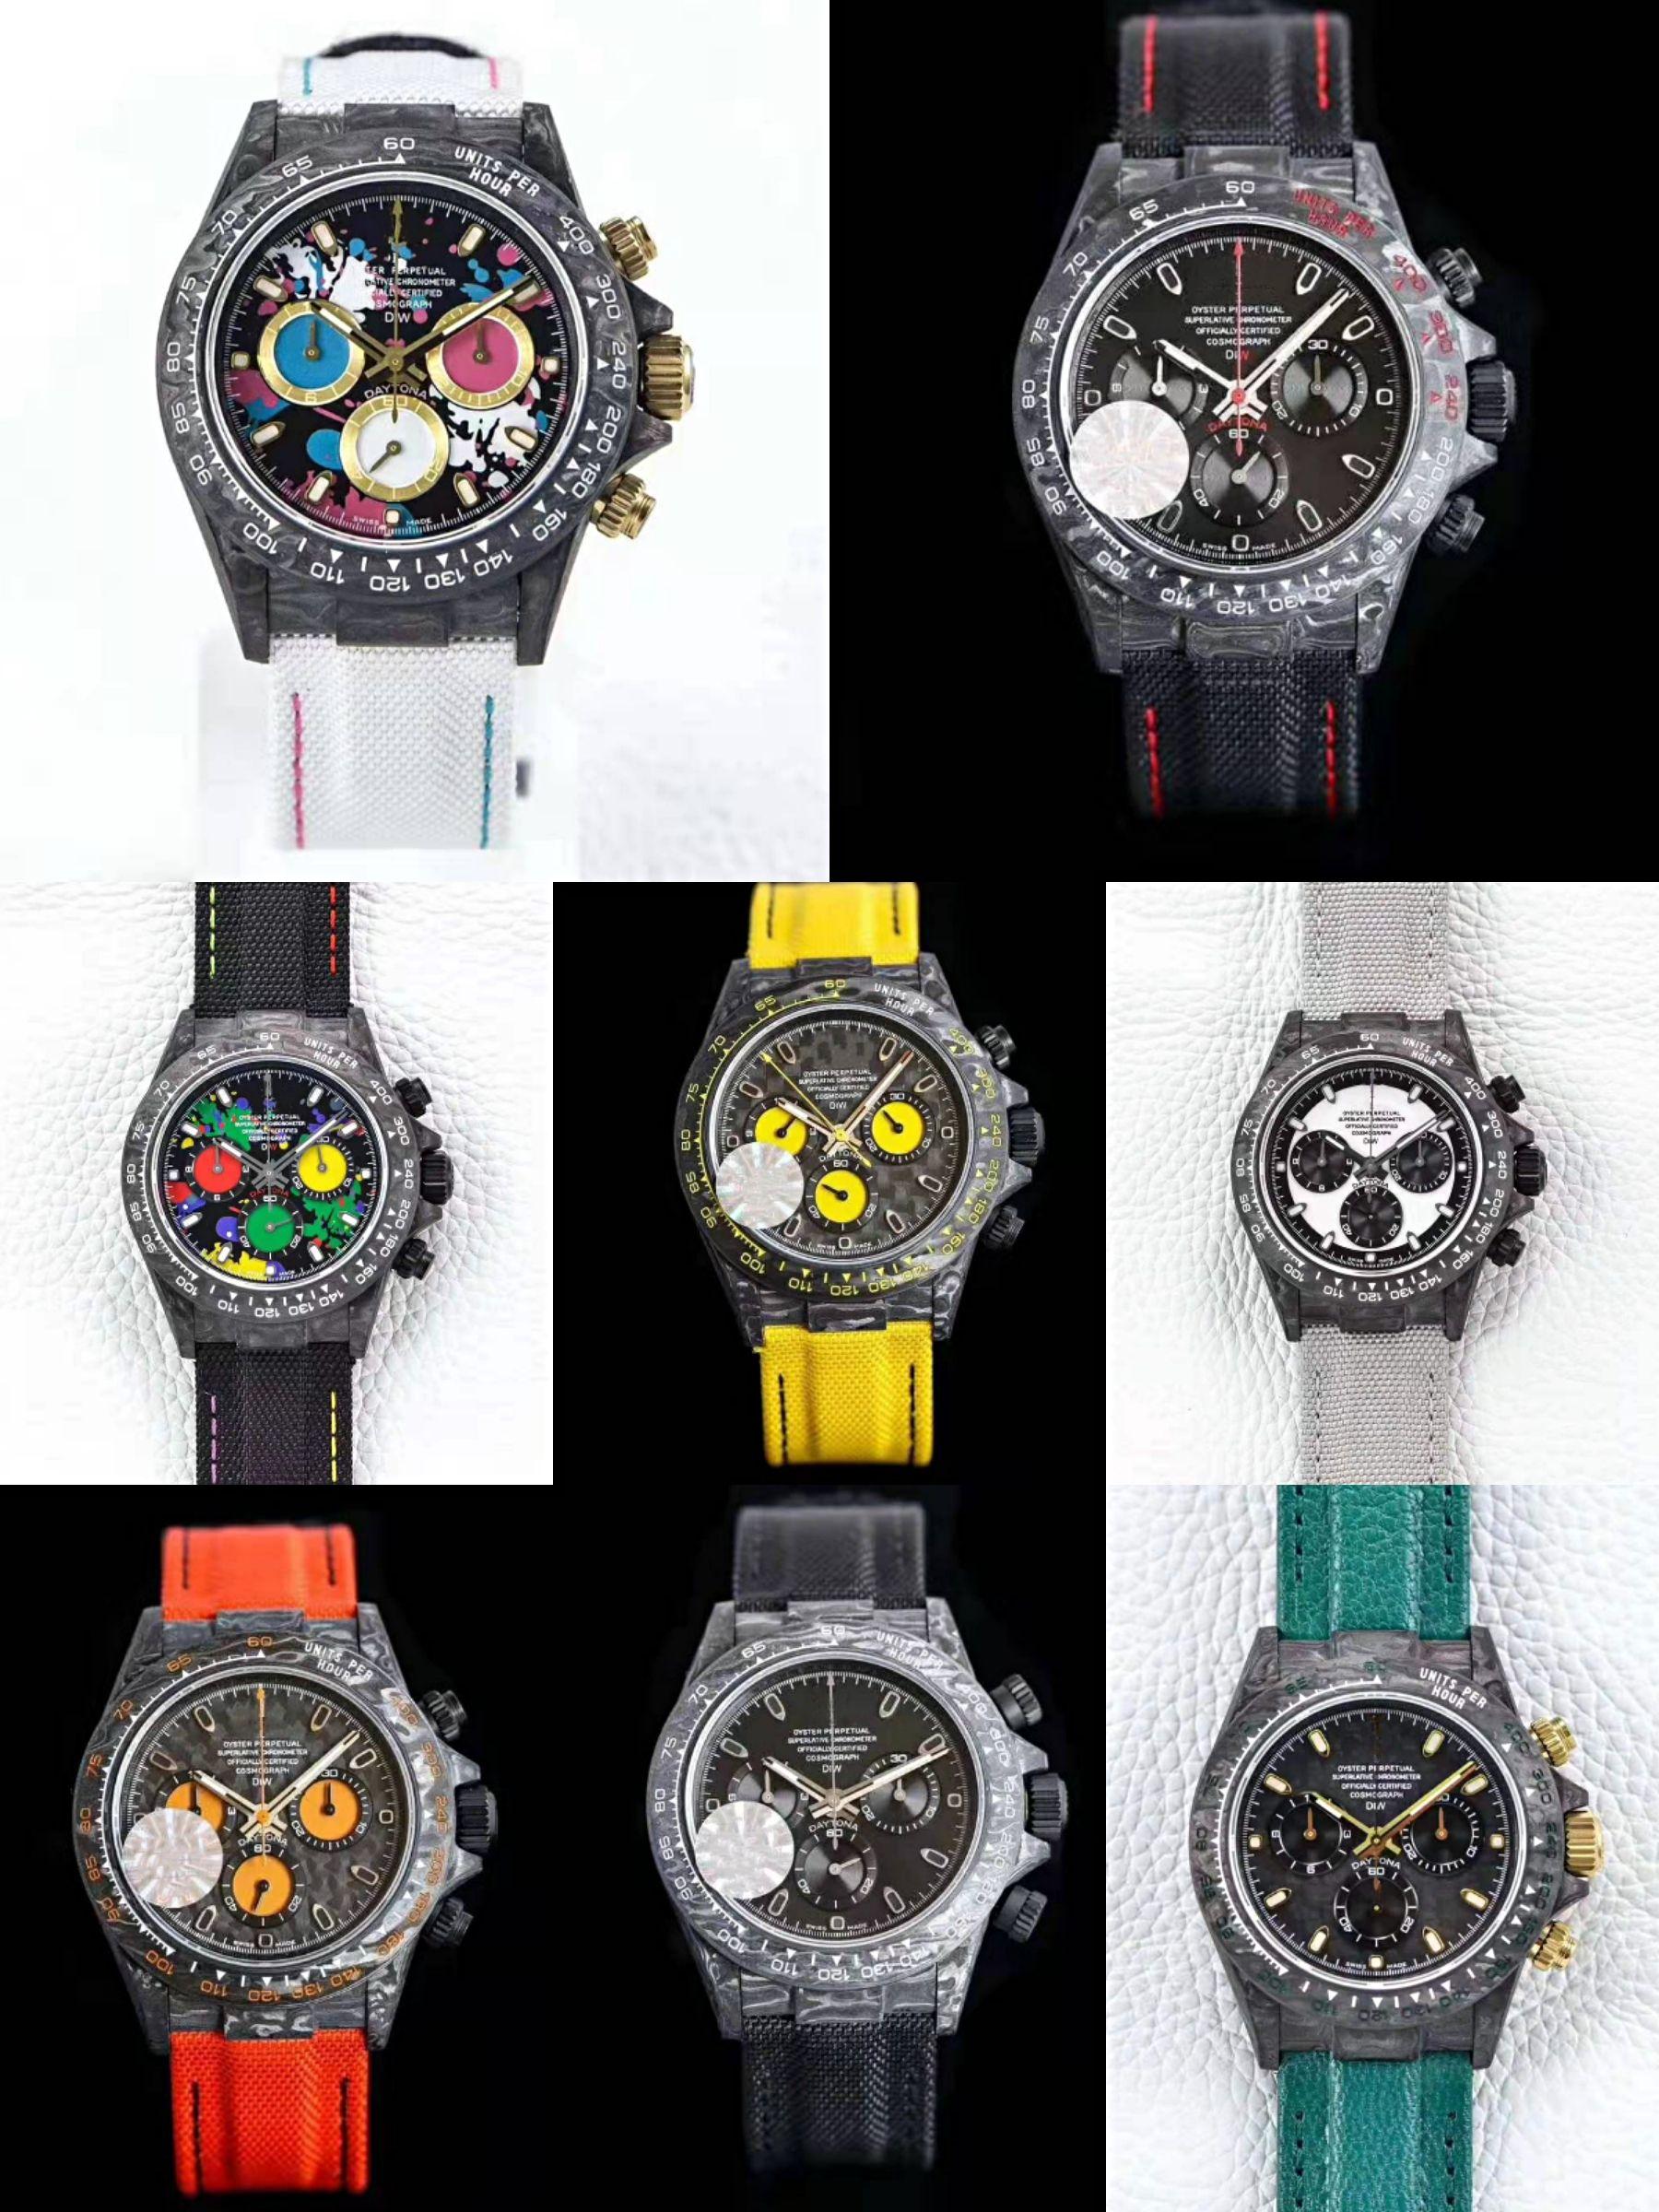 8 стилей DIW пользовательские часы углеродное волокно роскошные мужские часы 116500LN 116506 116519 7750 MESSING WOKING CHRONOGHE MENS автоматическая наручные часы